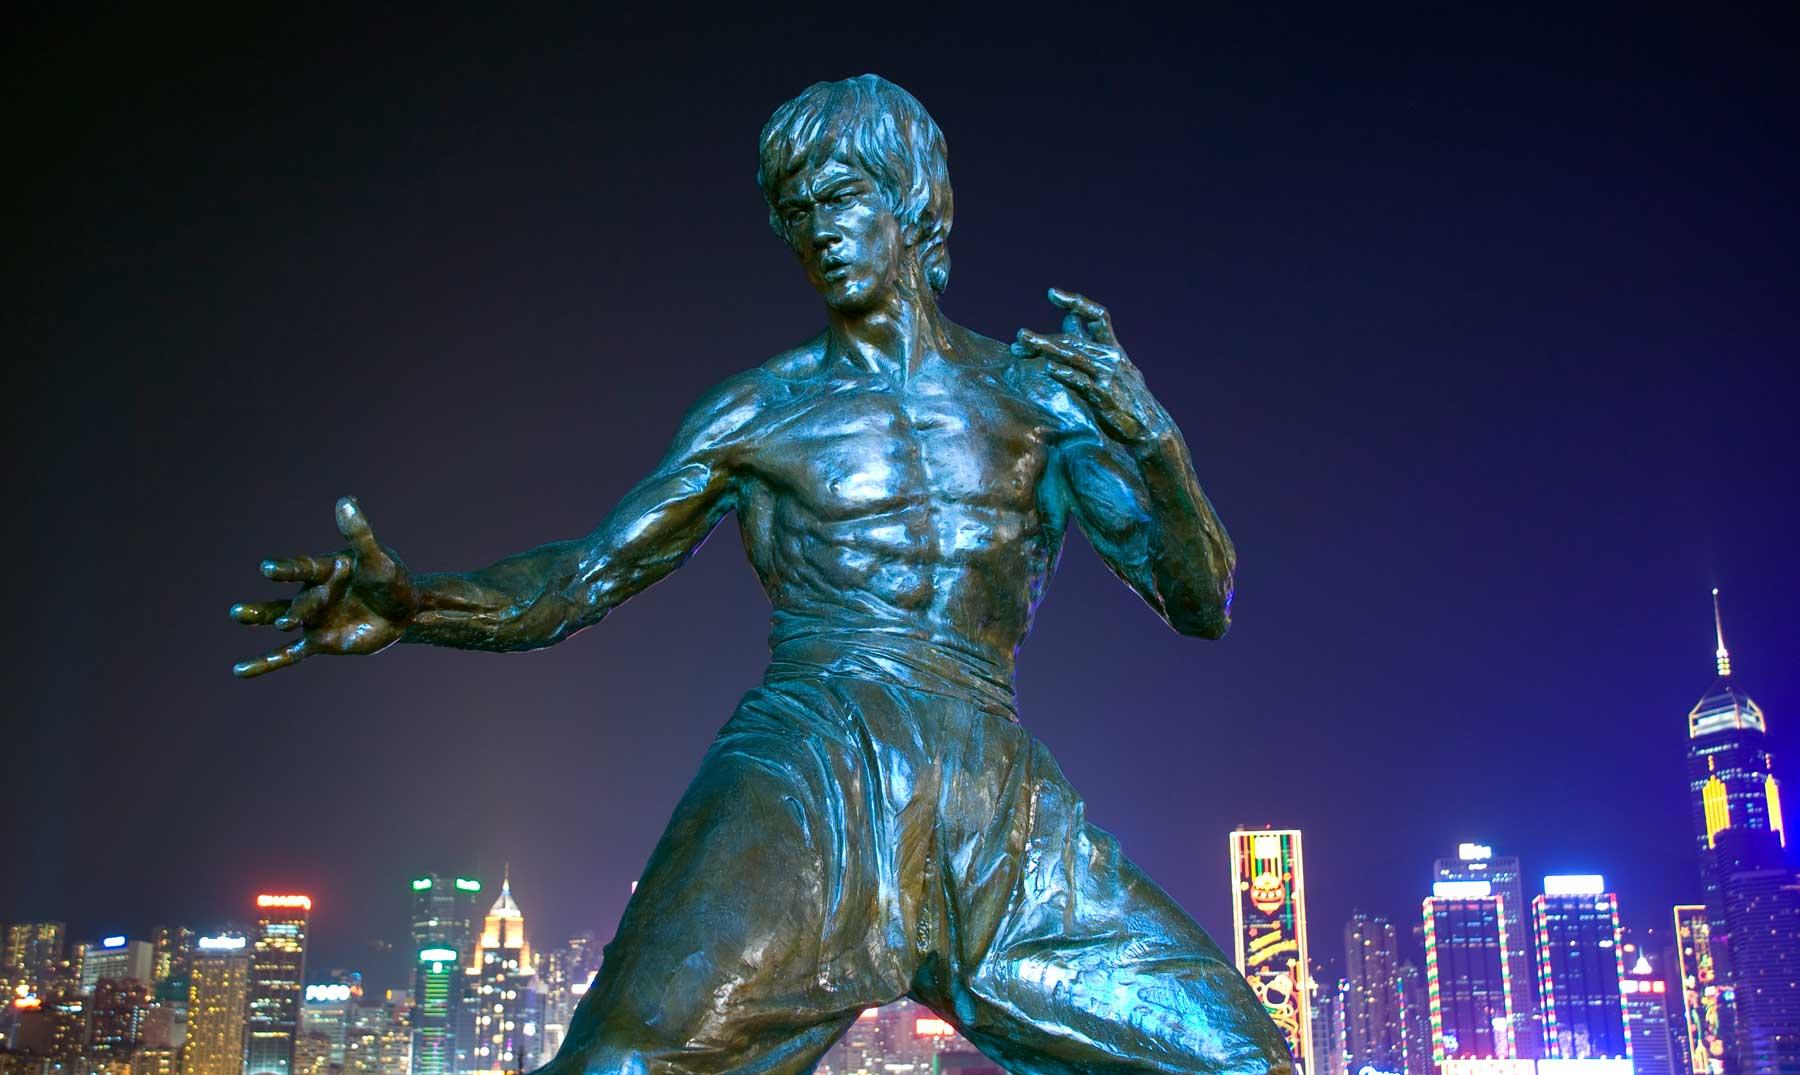 La ciencia explica el 'Golpe de la pulgada' de Bruce Lee